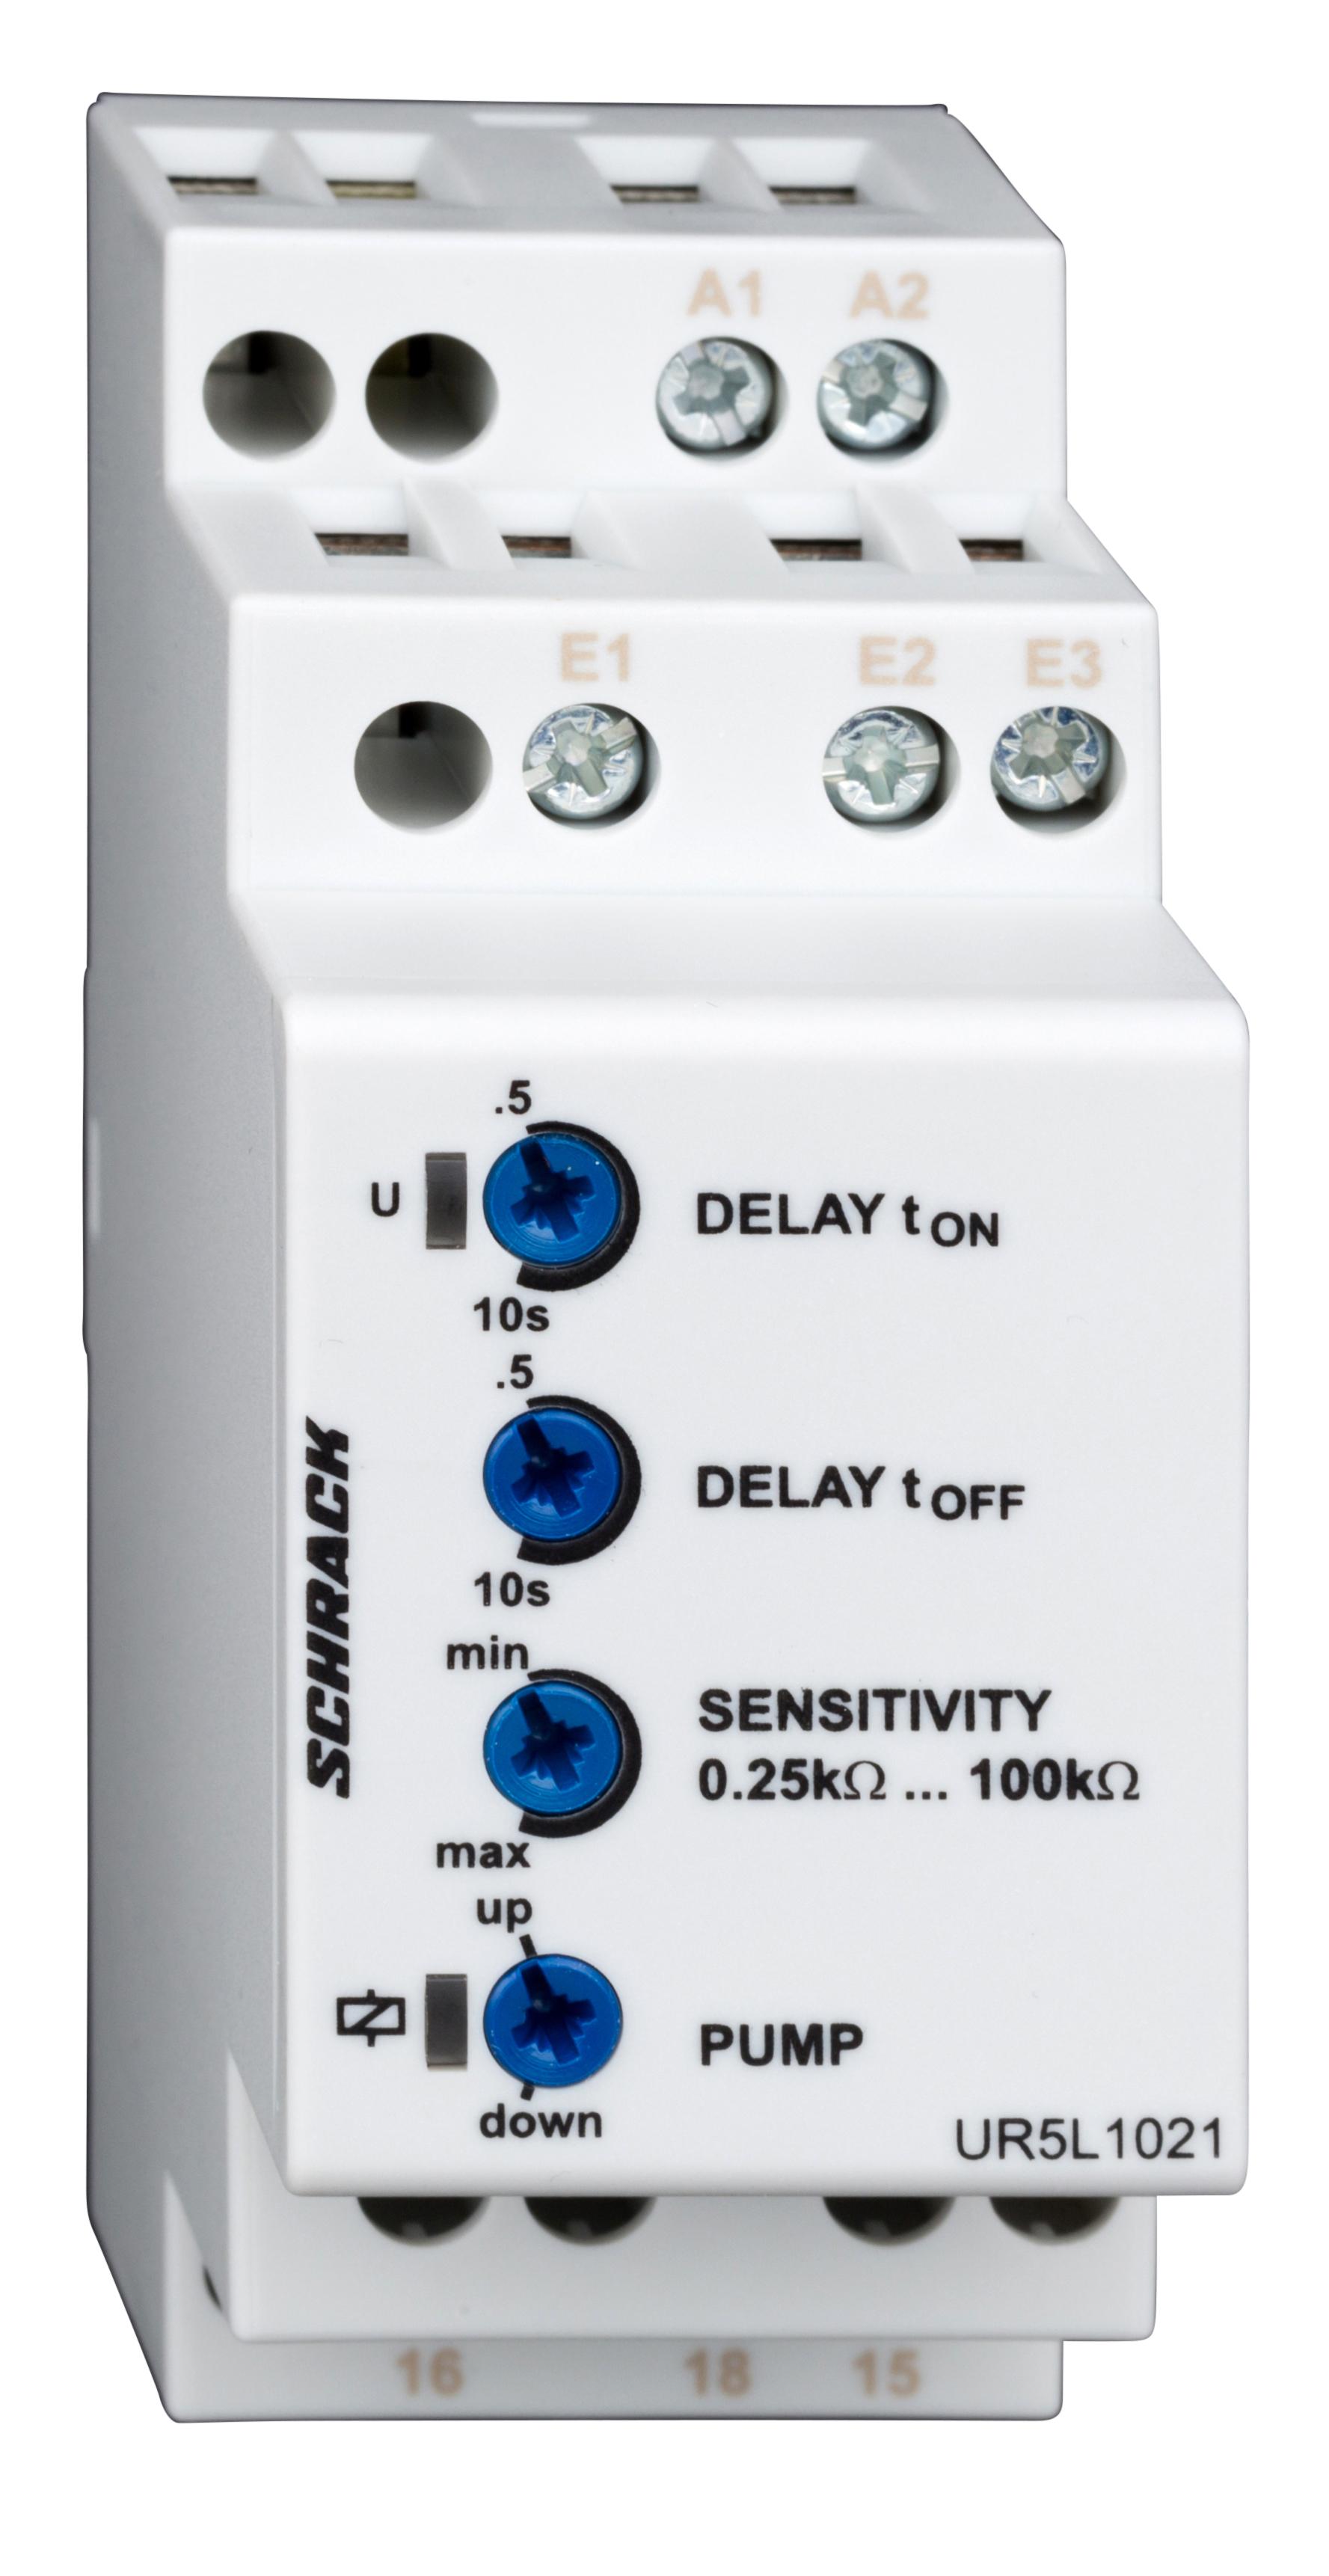 1 Stk Niveauüberwachungsrelais für Flüssigkeiten, 1W, 5A, 250VAC UR5L1021--